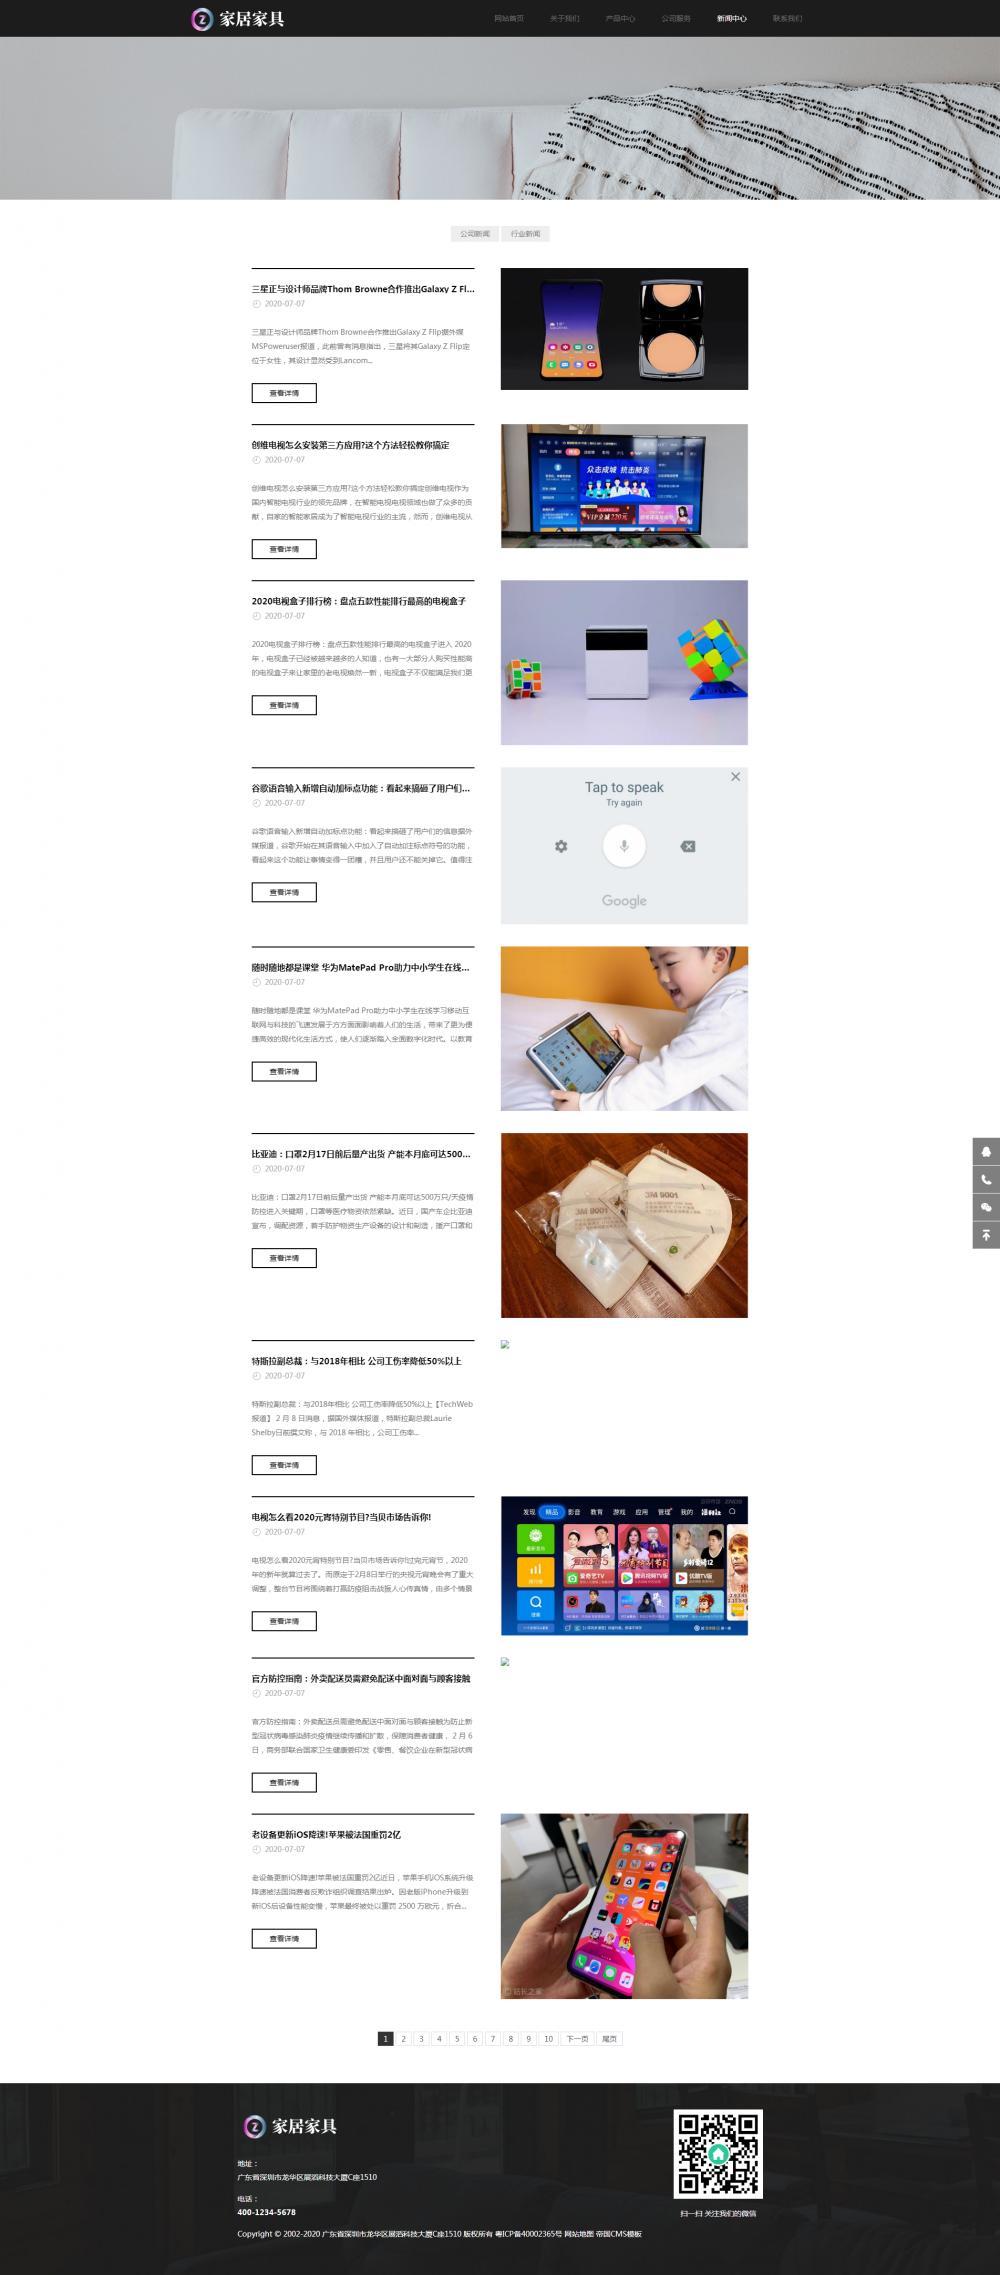 5新闻中心.png [DG-113]帝国CMS响应式家居建材家具网站模板 HTML5办公家居家装帝国CMS整站源码 企业模板 第5张